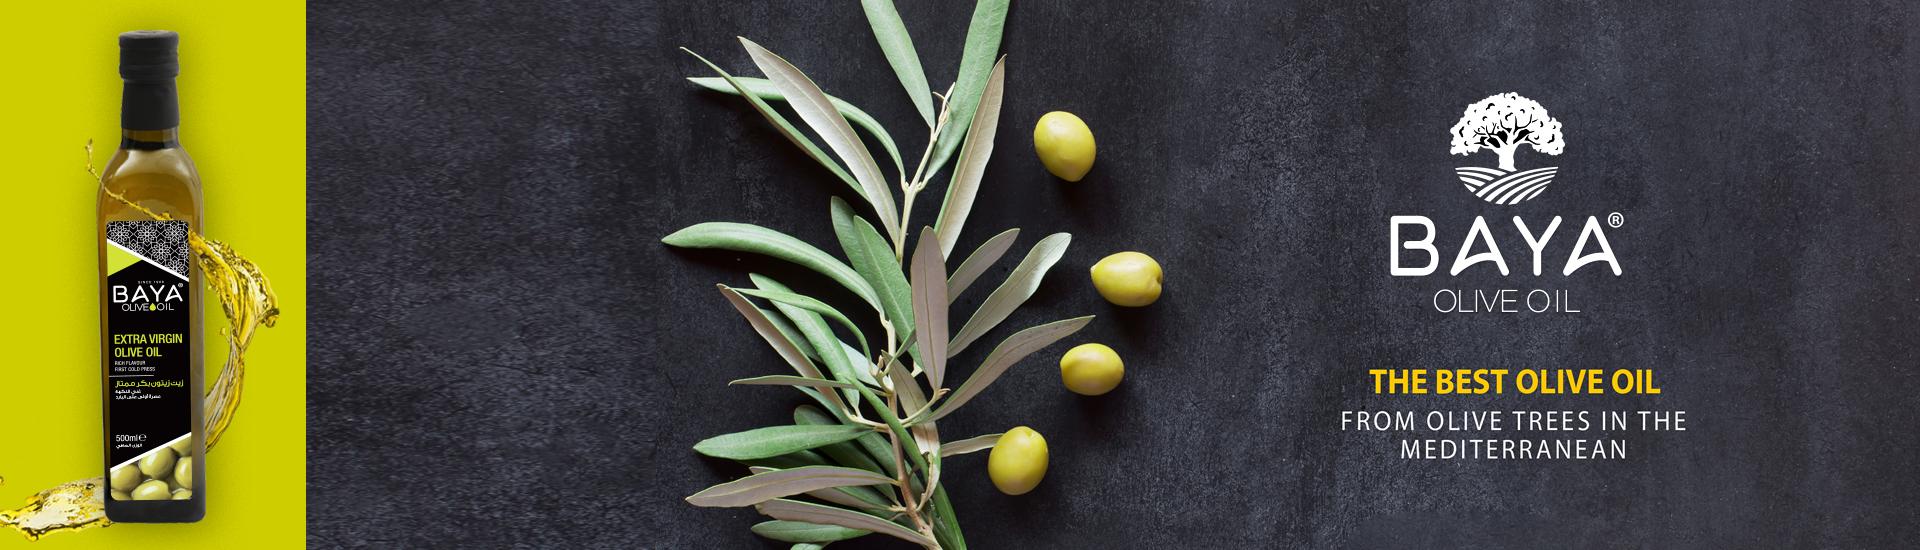 L'huile d'olive BAYA a une saveur distincte